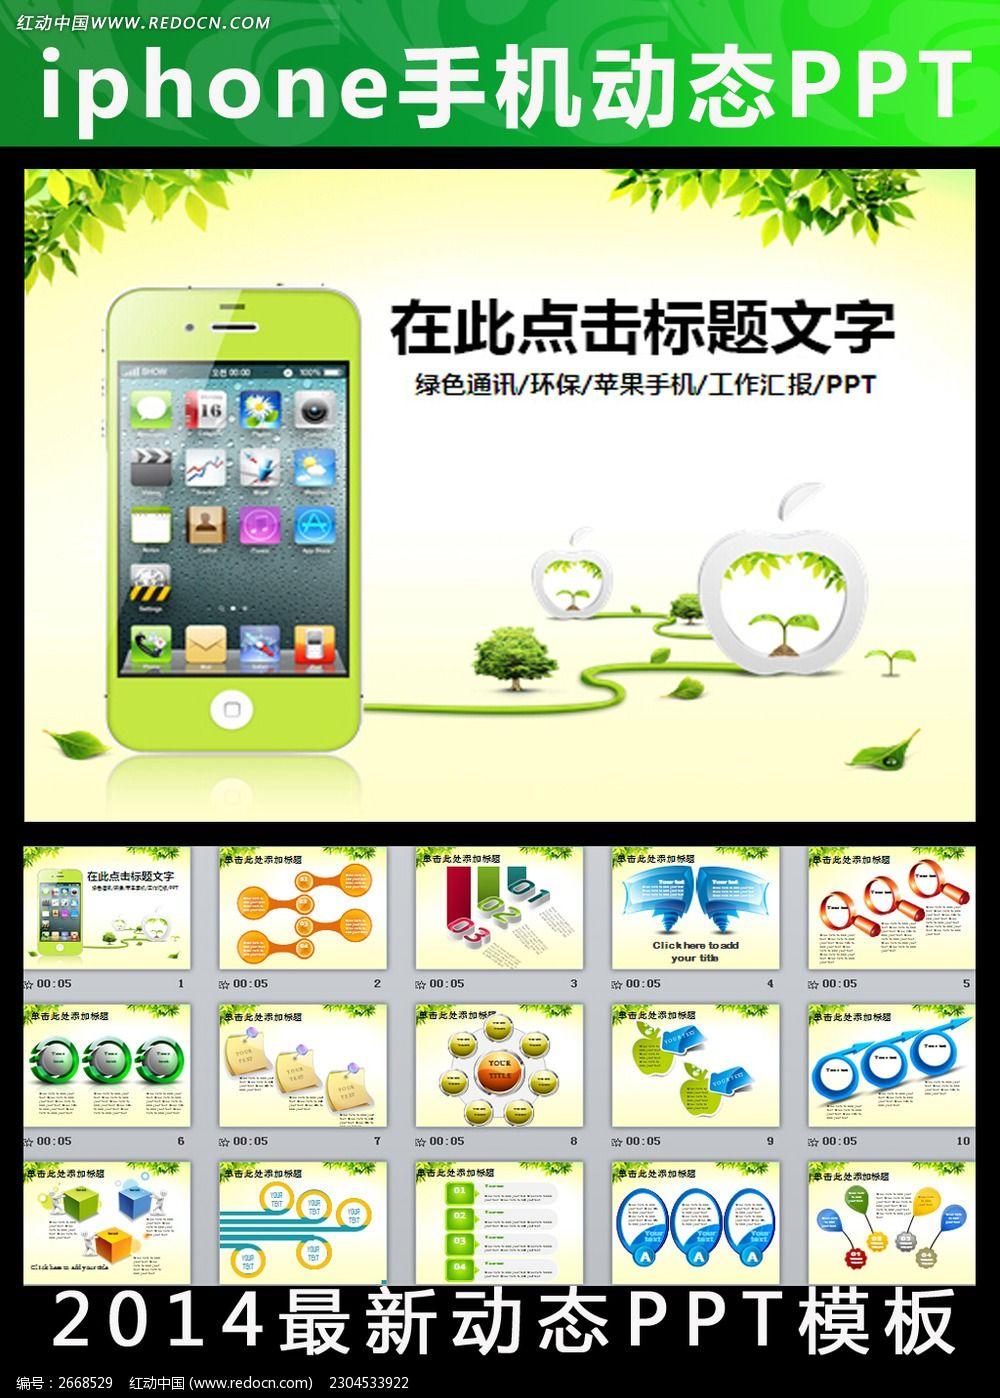 iphone手机业绩报告动画幻灯片ppt模板下载图片